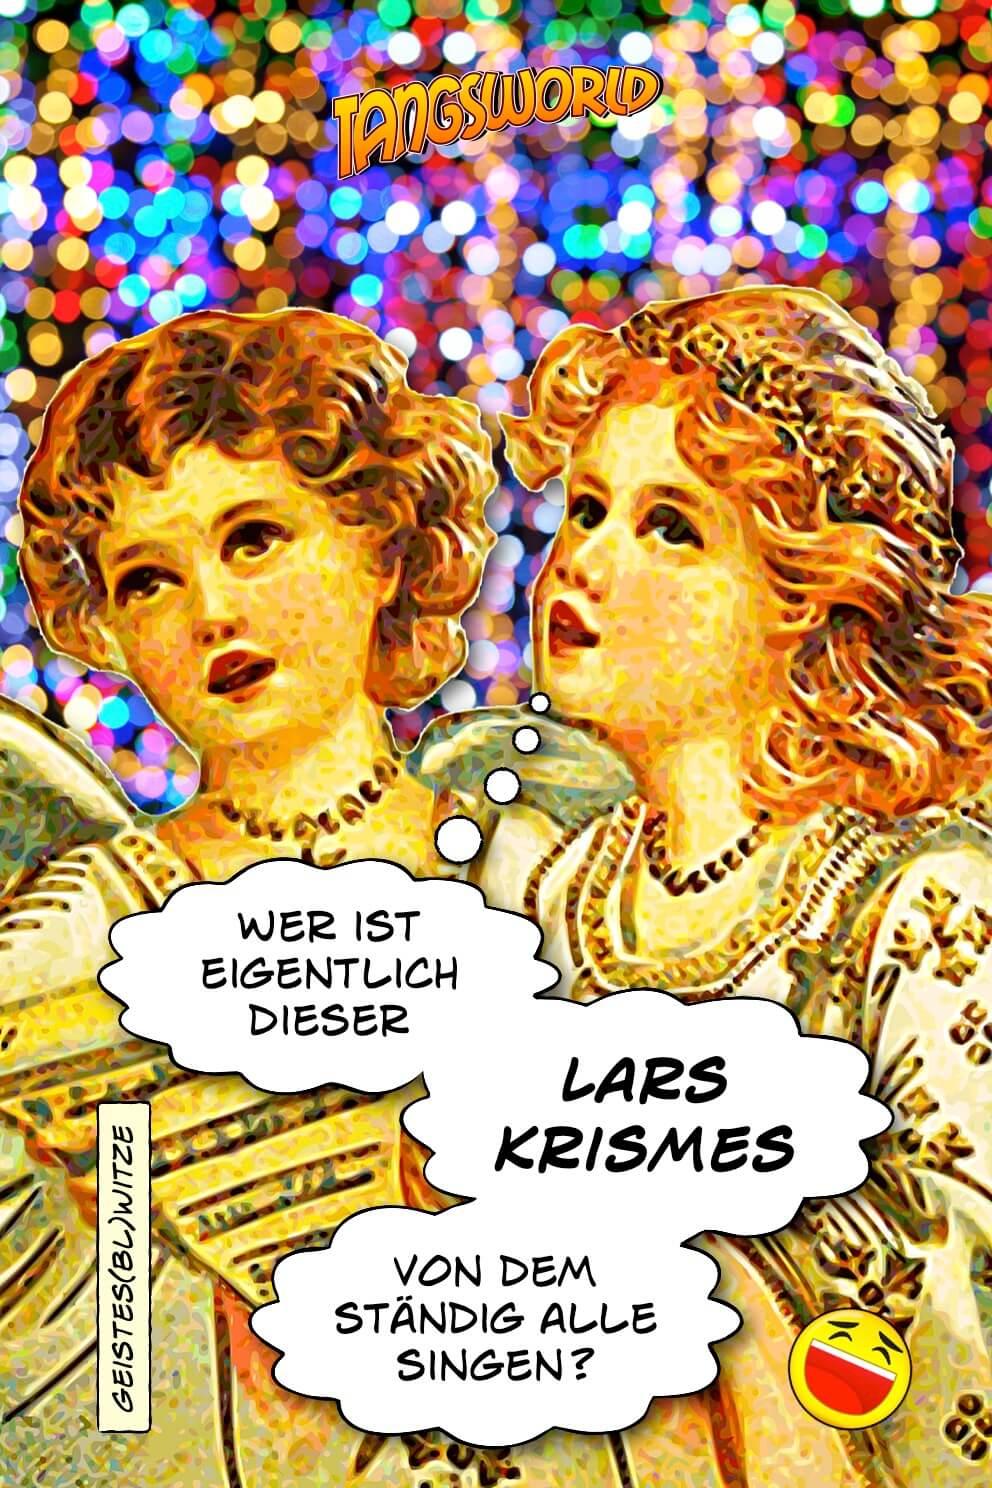 Wer ist eigentlich dieser Lars Krismes, von dem ständig alle singen? - Geistes(bl)witze